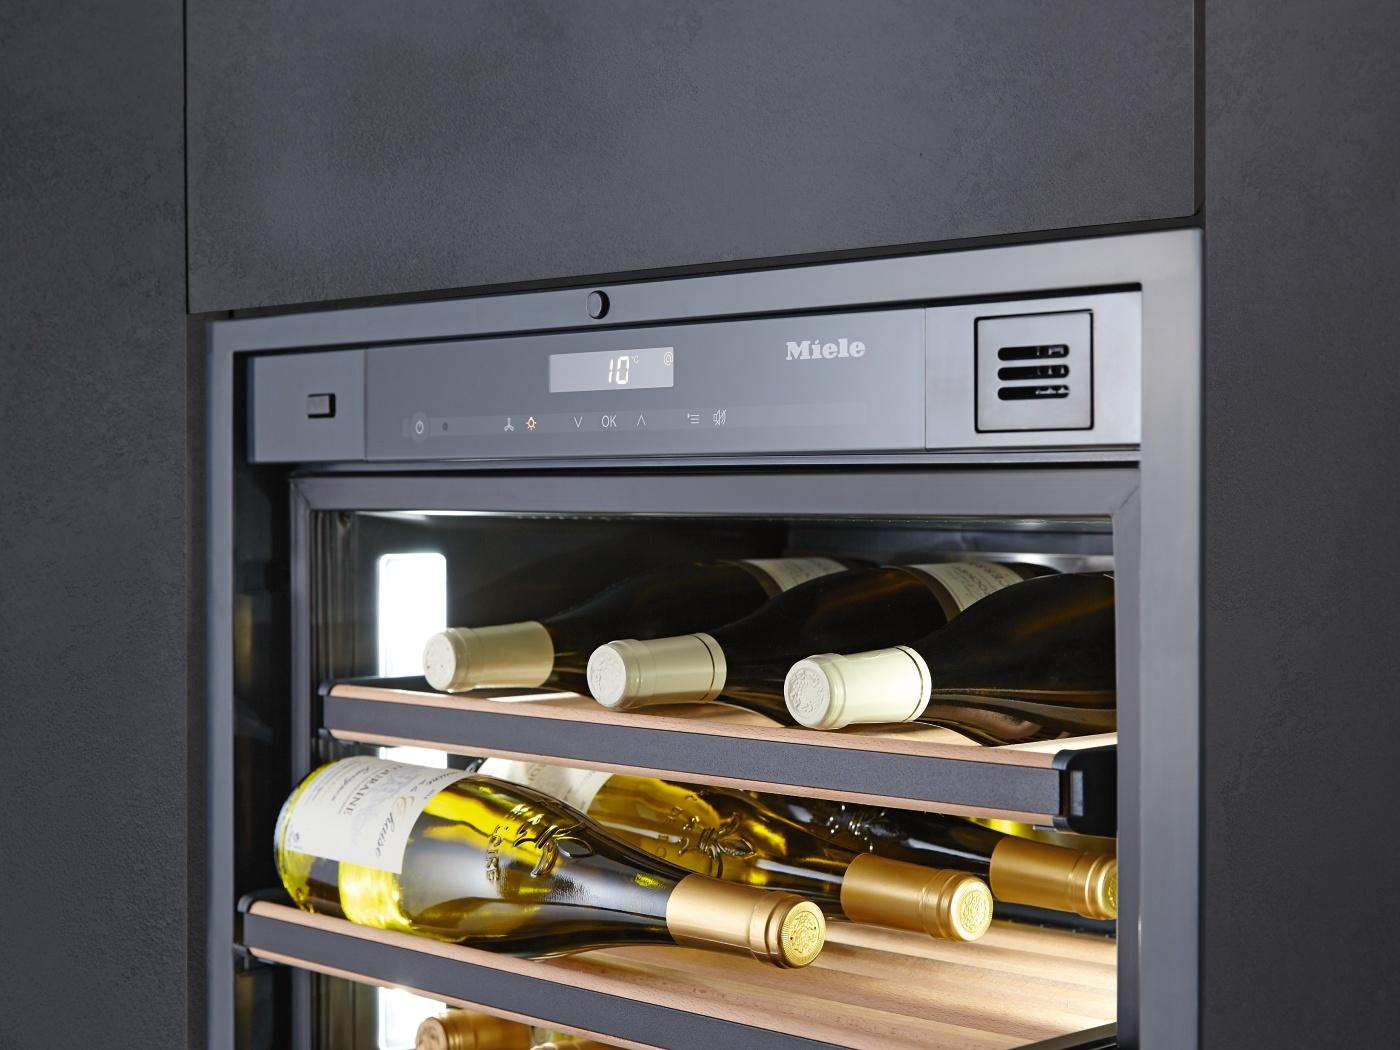 Miele Weinkühlschrank – Produktvorteile, die für Miele sprechen ...